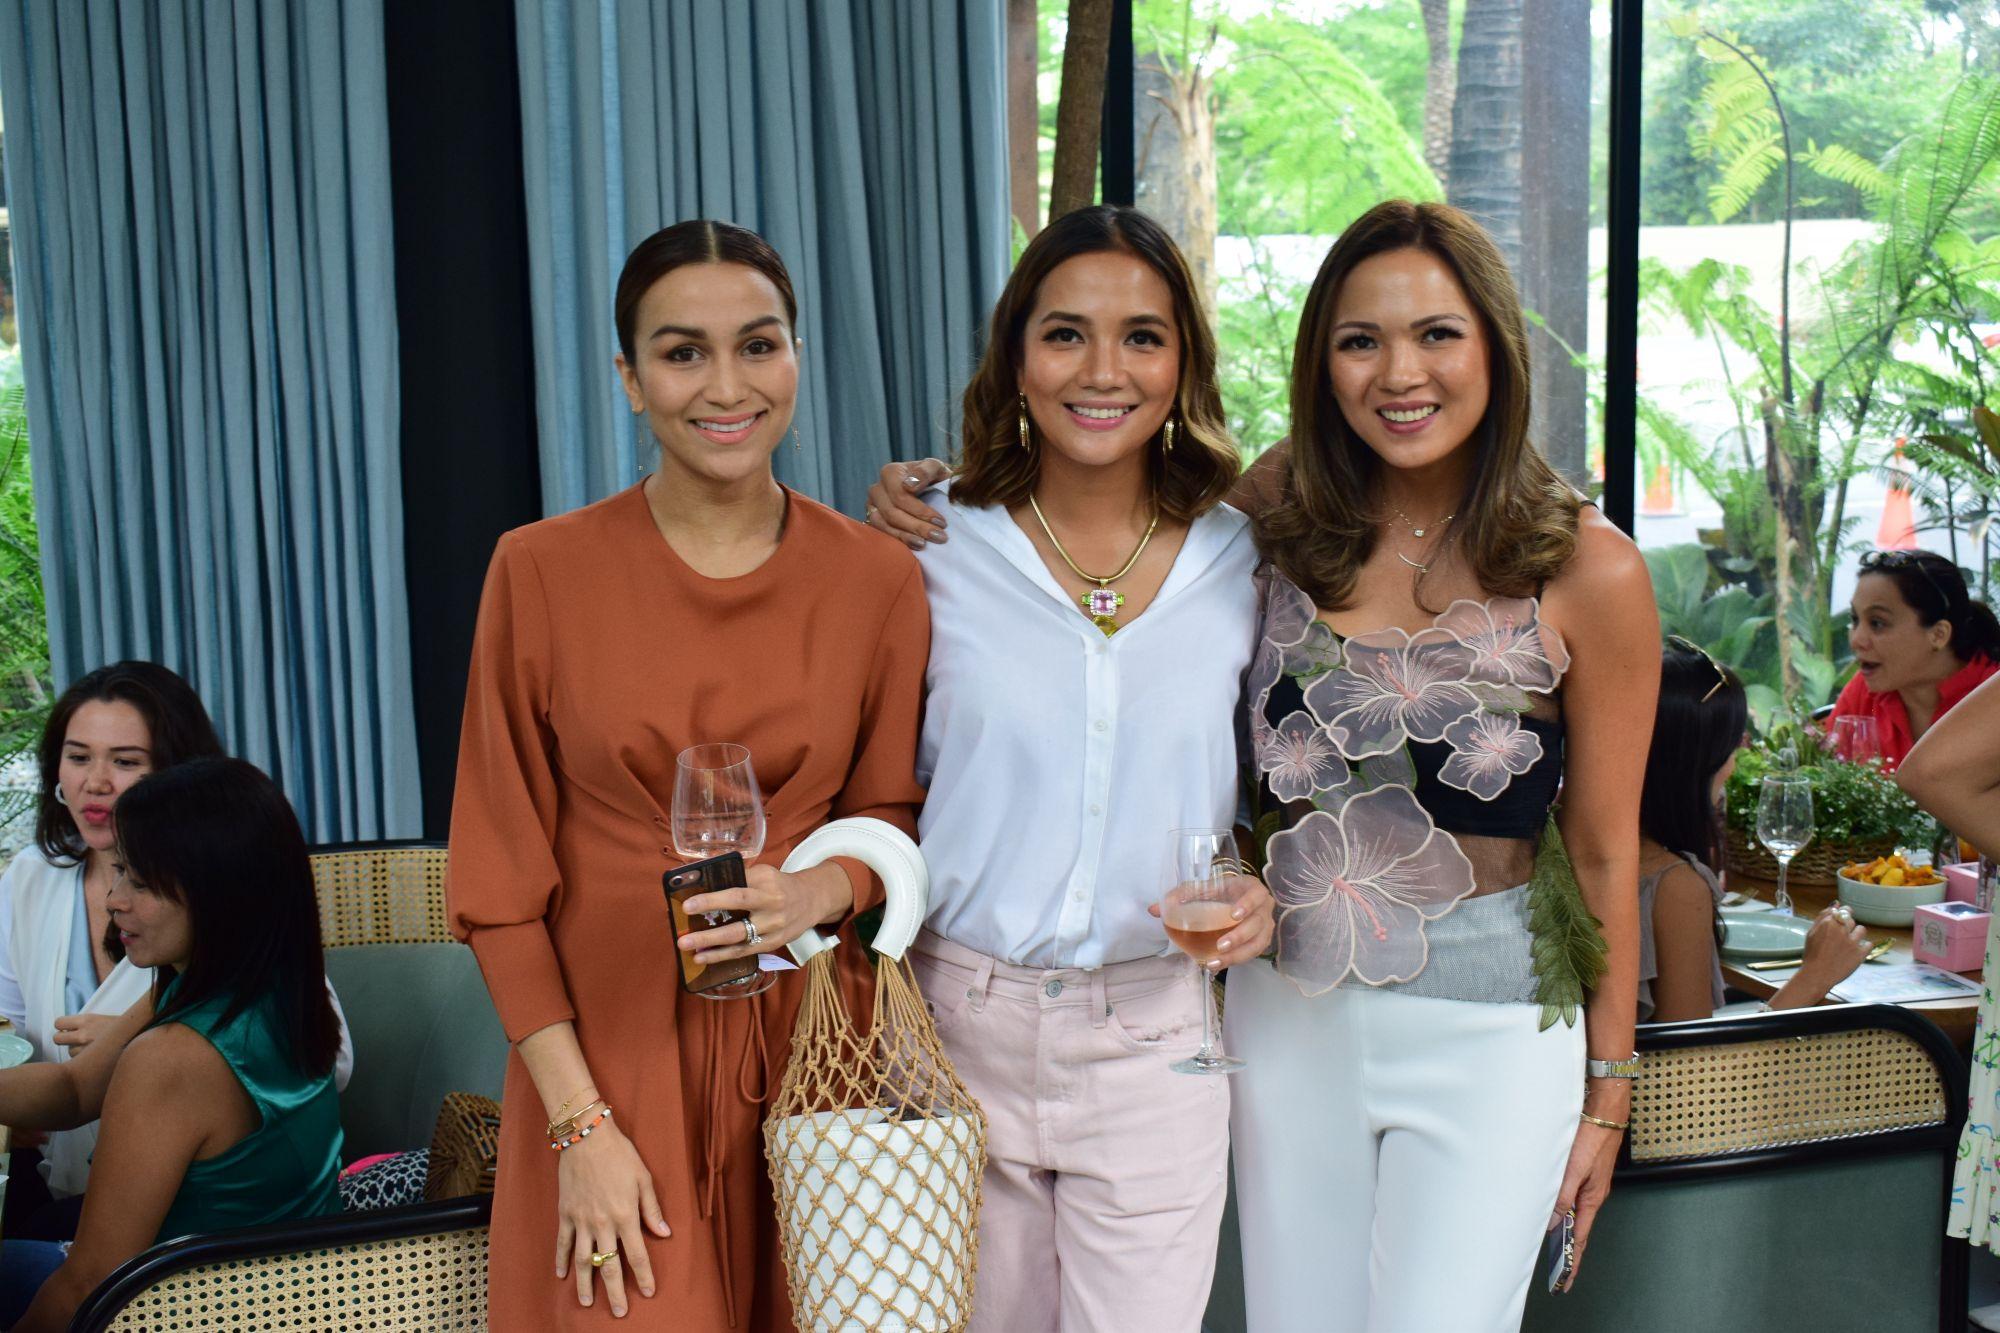 Steph Kienle-Gonzalez, Celine Lopez and Monette Bata Garcia